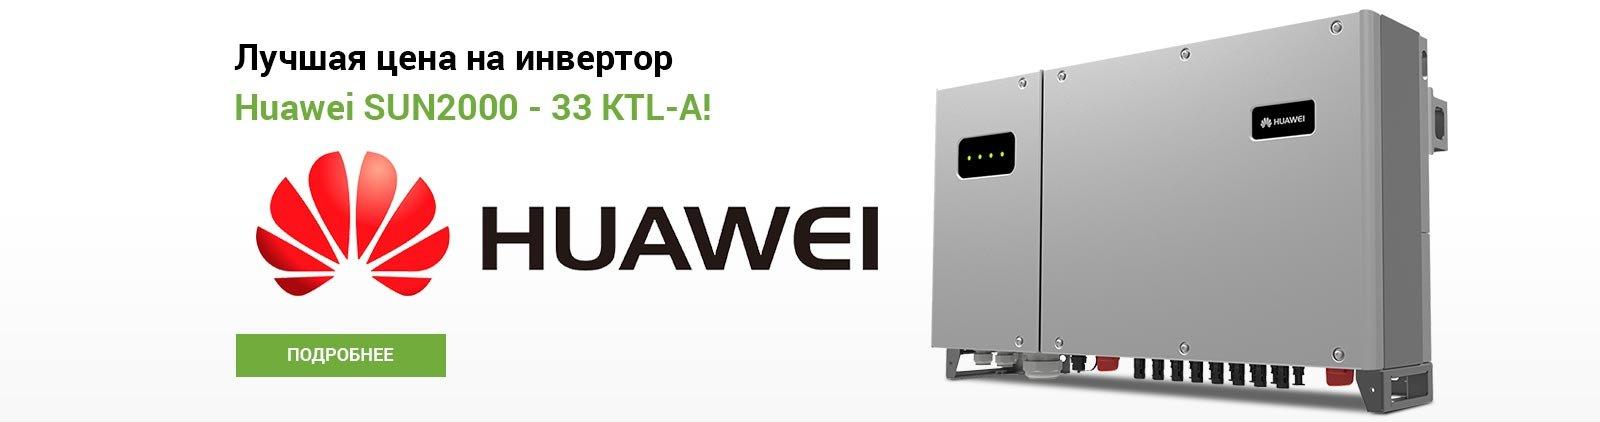 Акция на инвертор Huawei